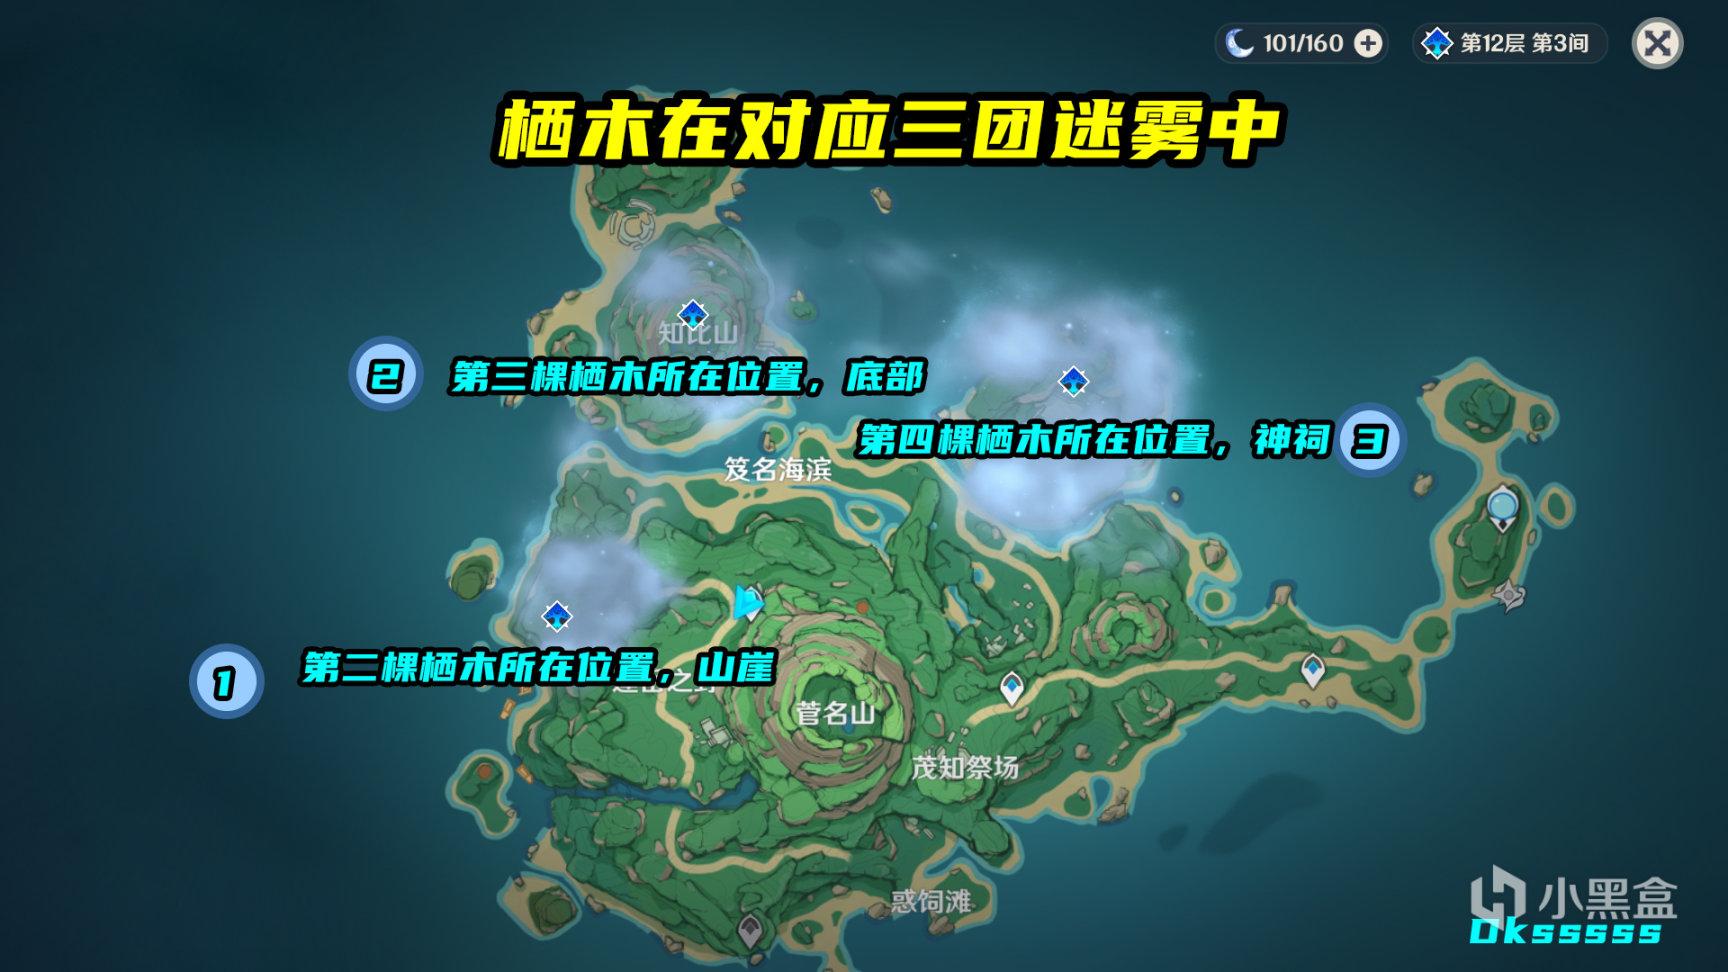 【雾海纪行】最详细的全攻略(多图警告)插图20